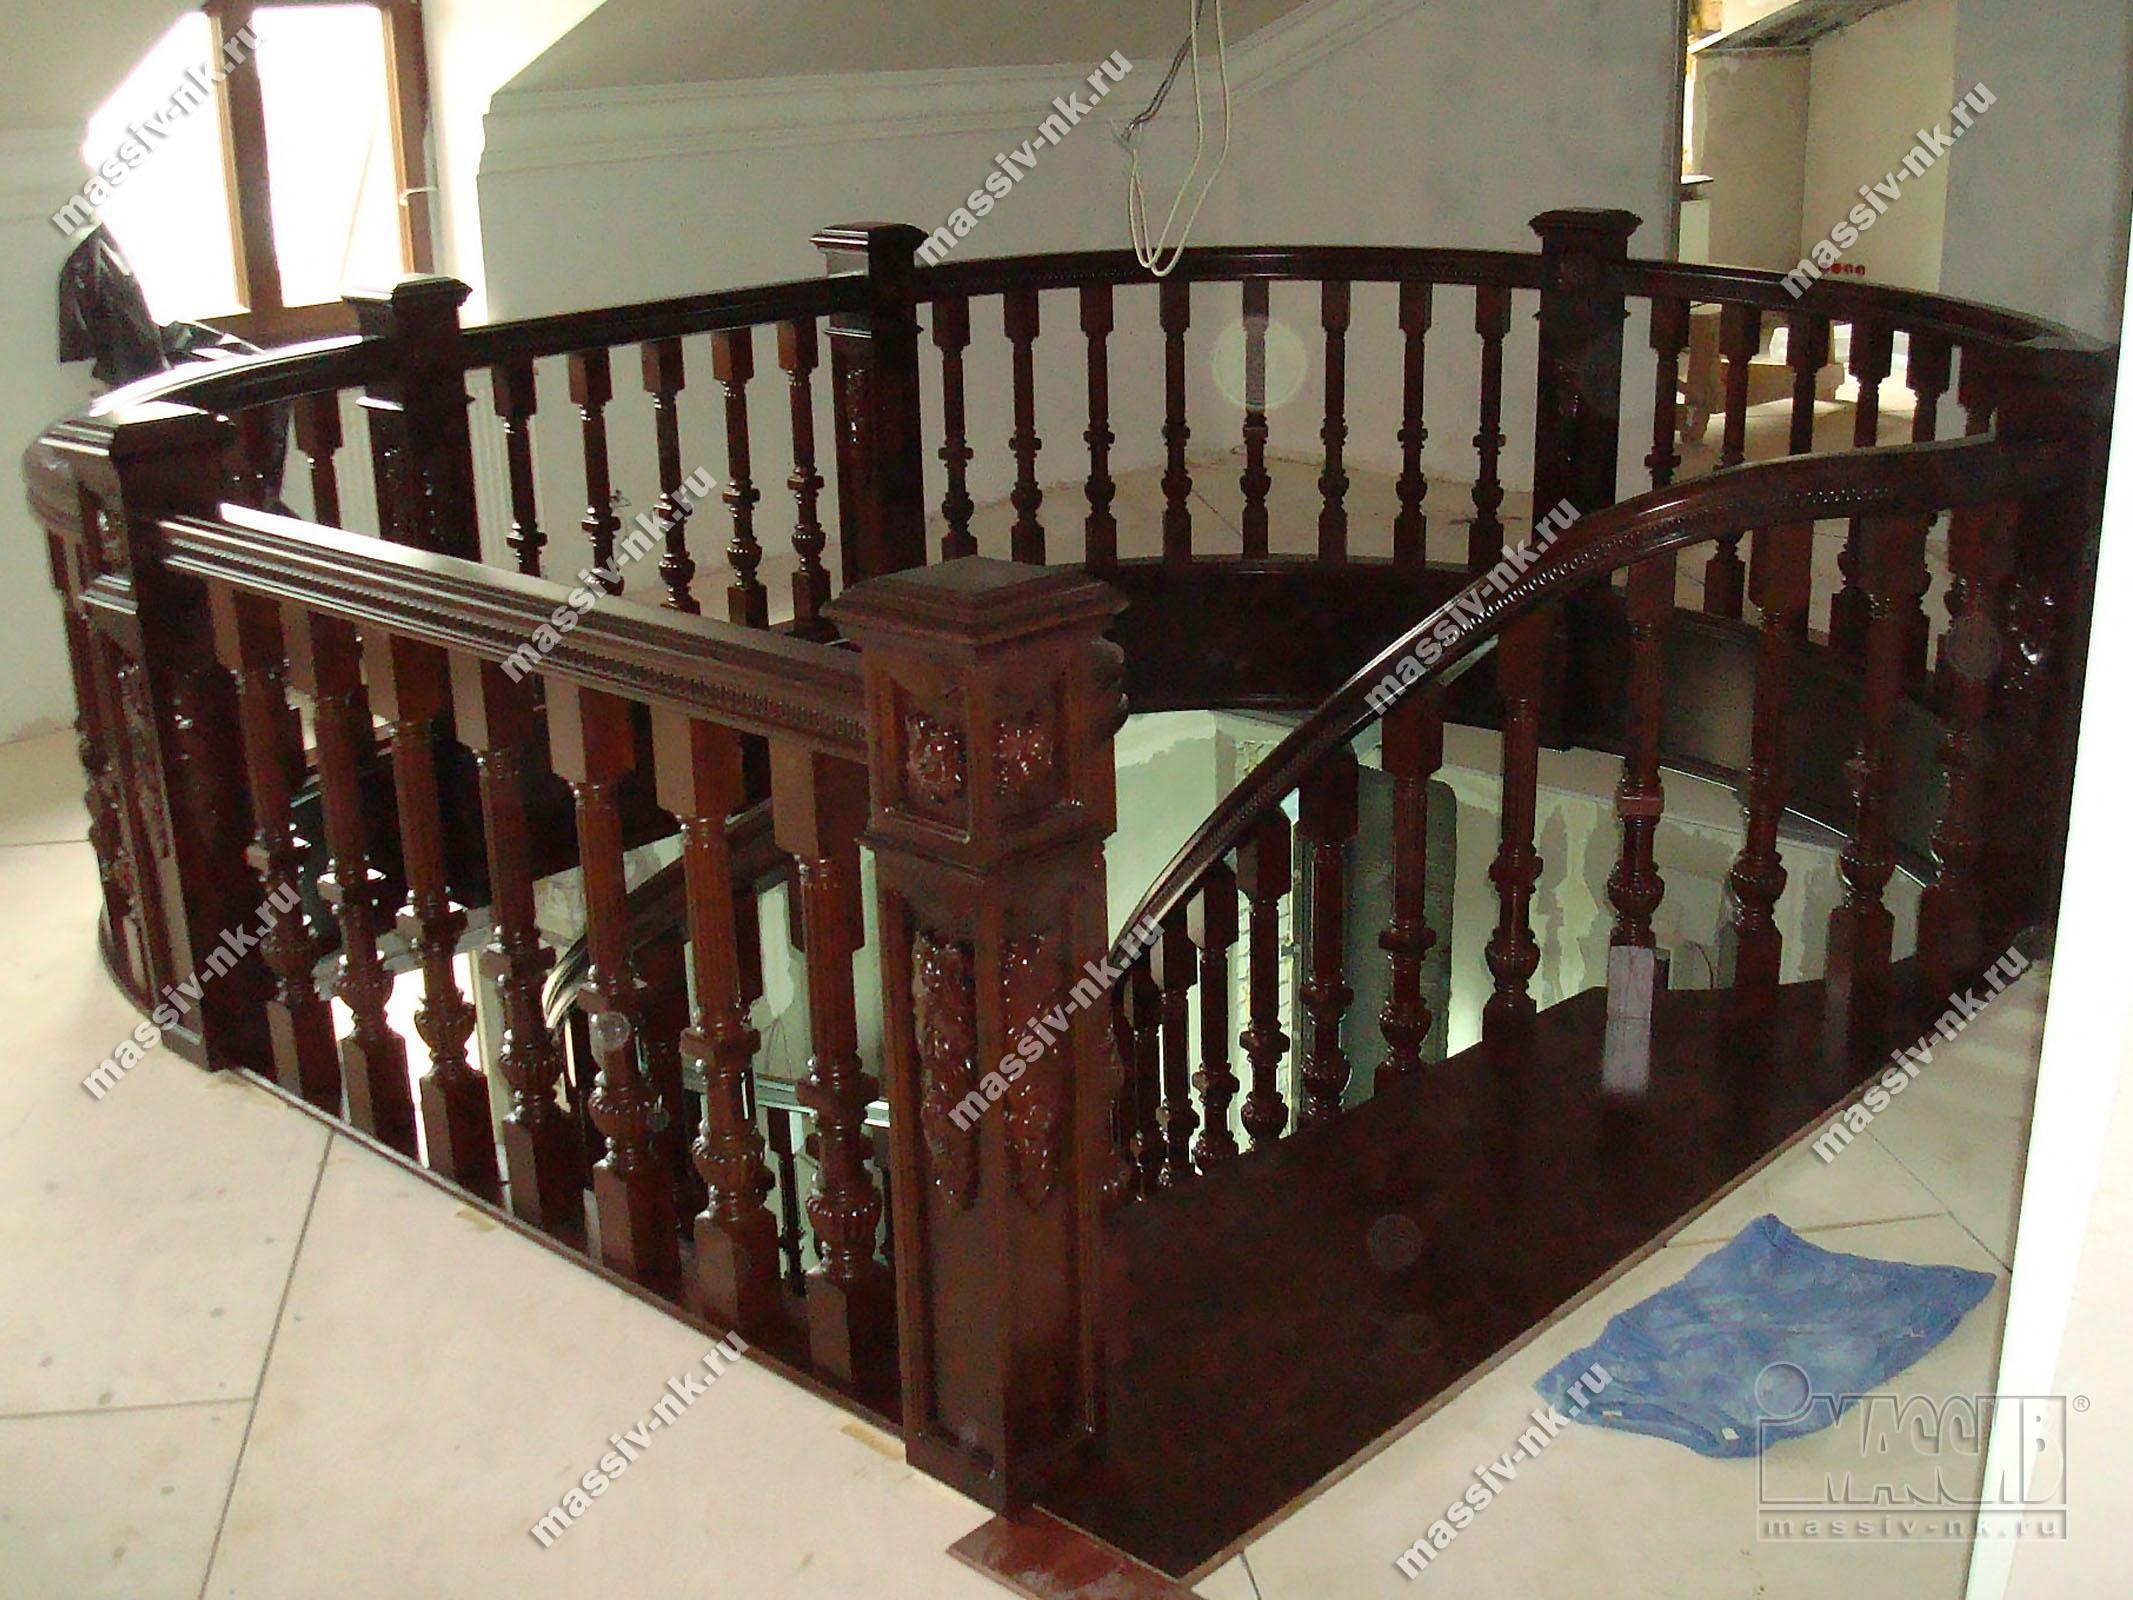 Купить кровати двуспальные деревянные в Рязани